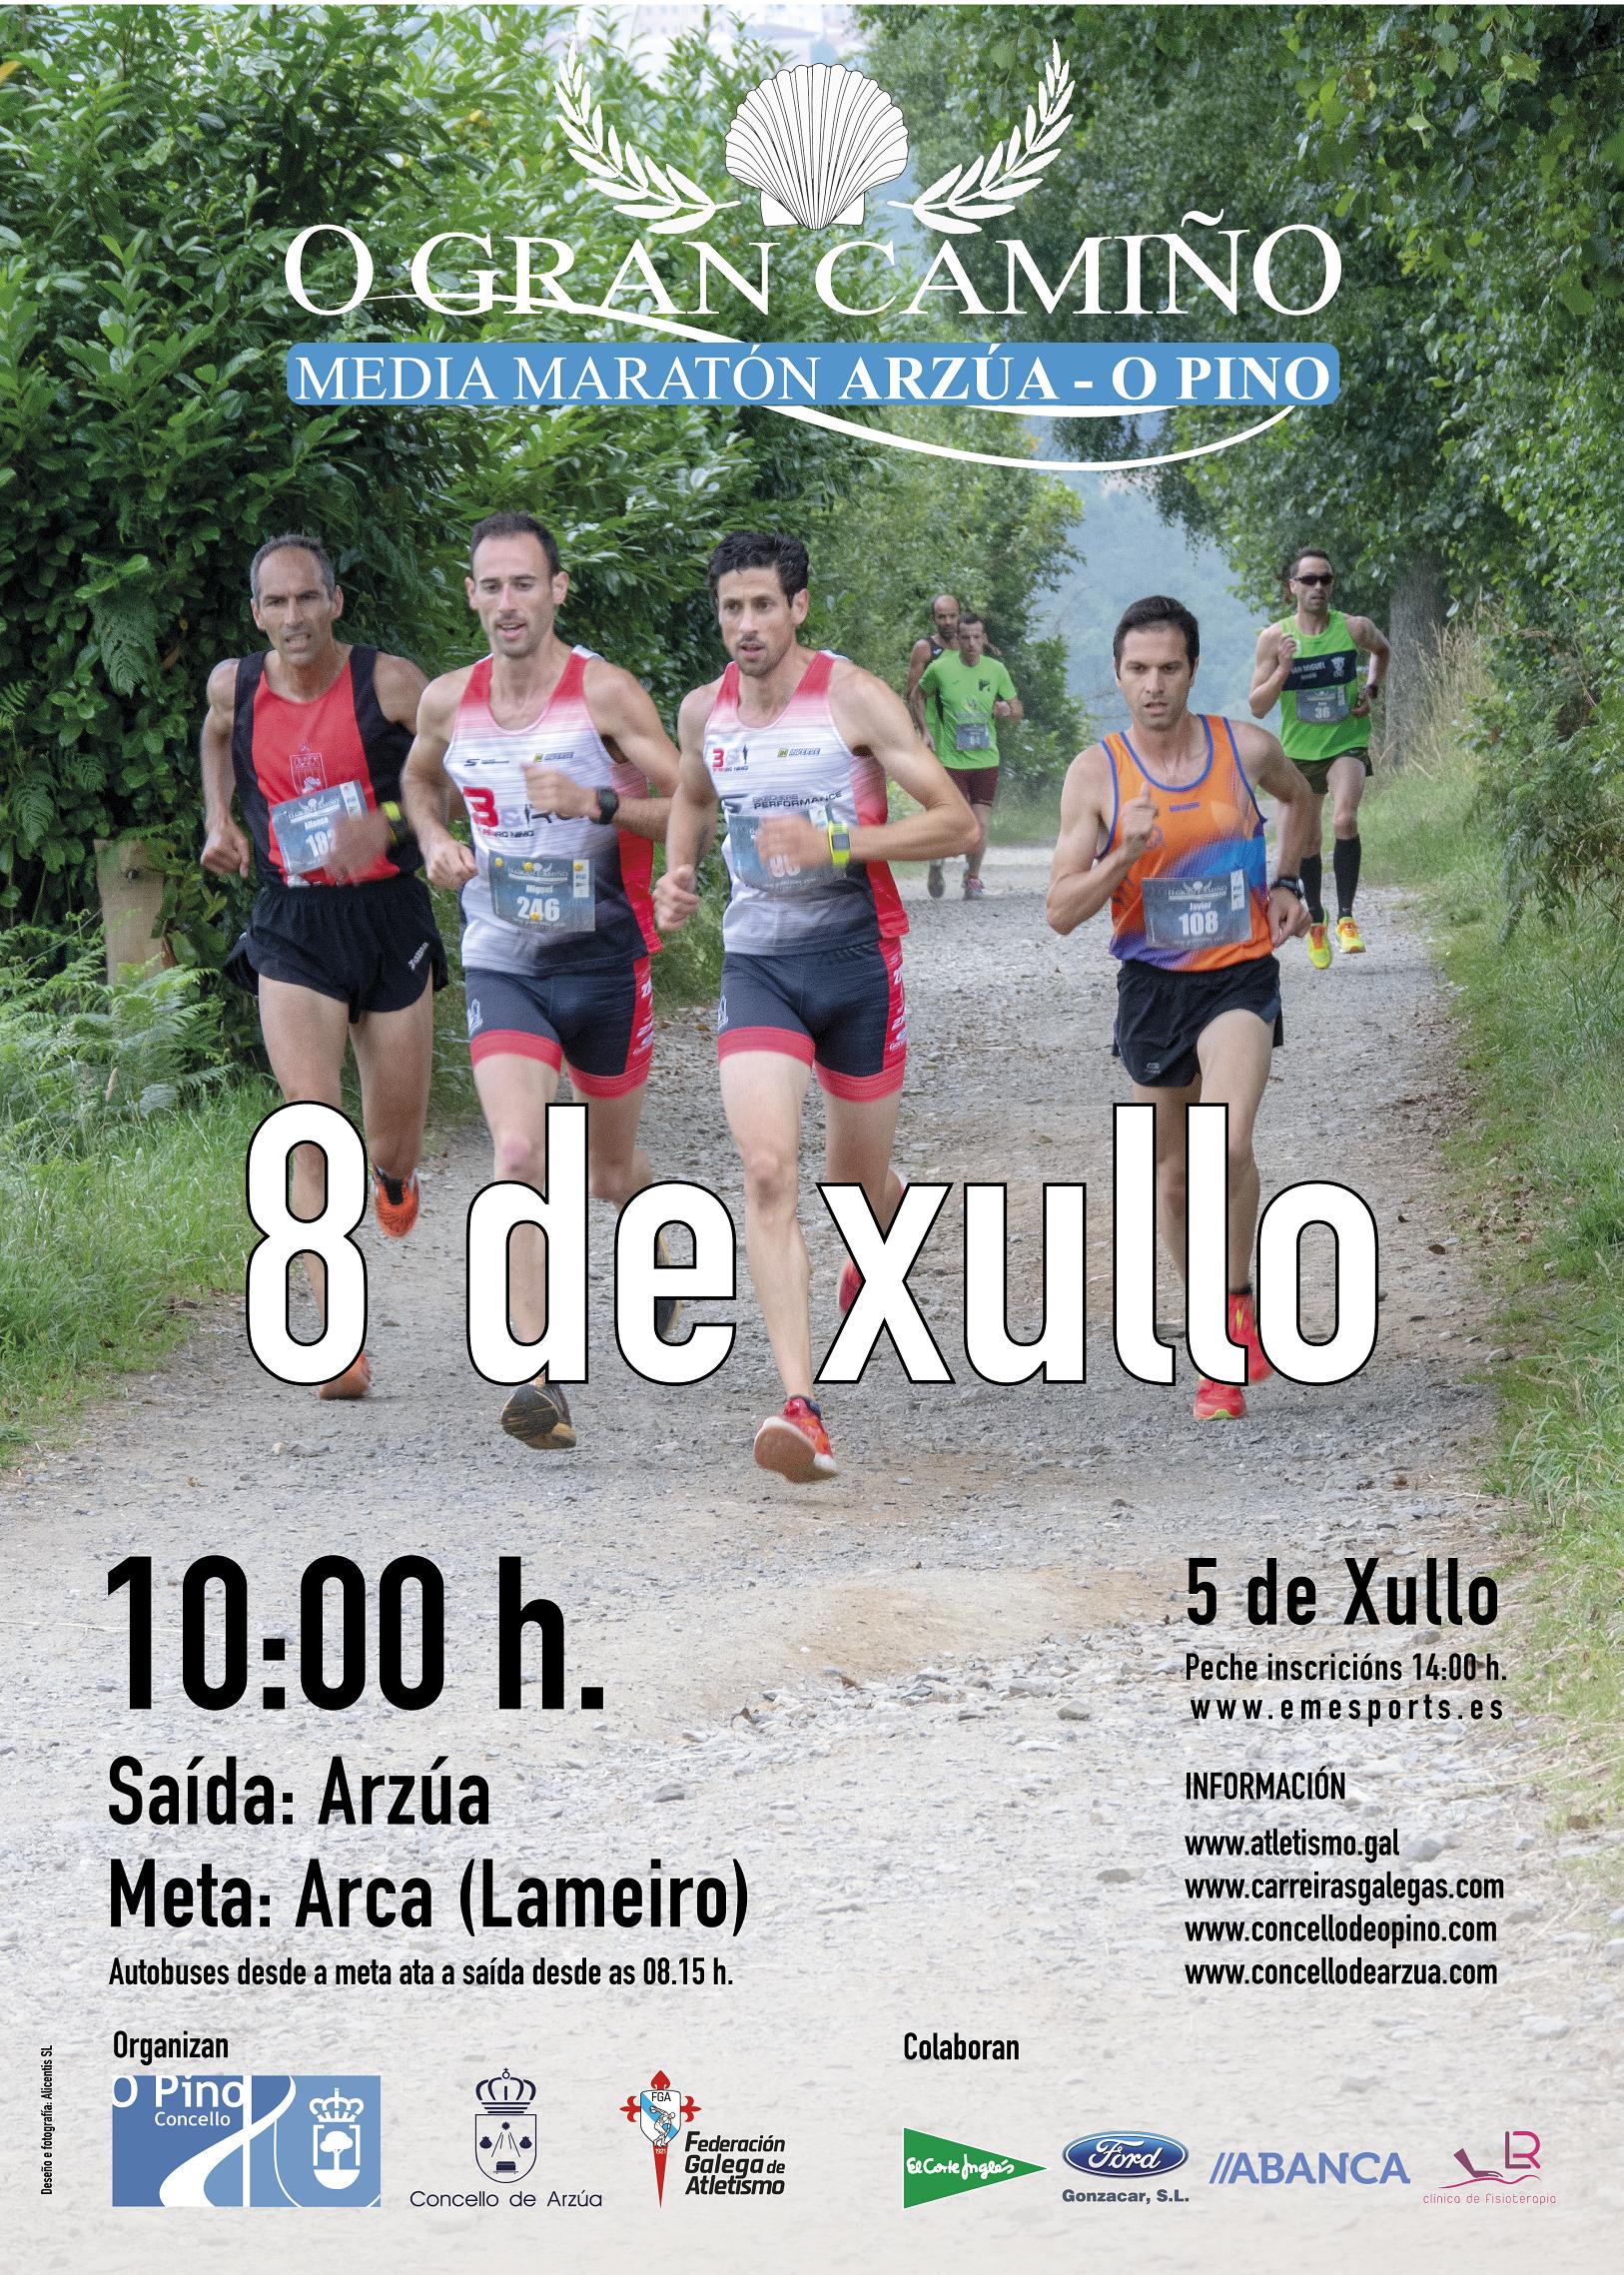 Medio Maratón O Gran Camiño Arzúa – O Pino 2018